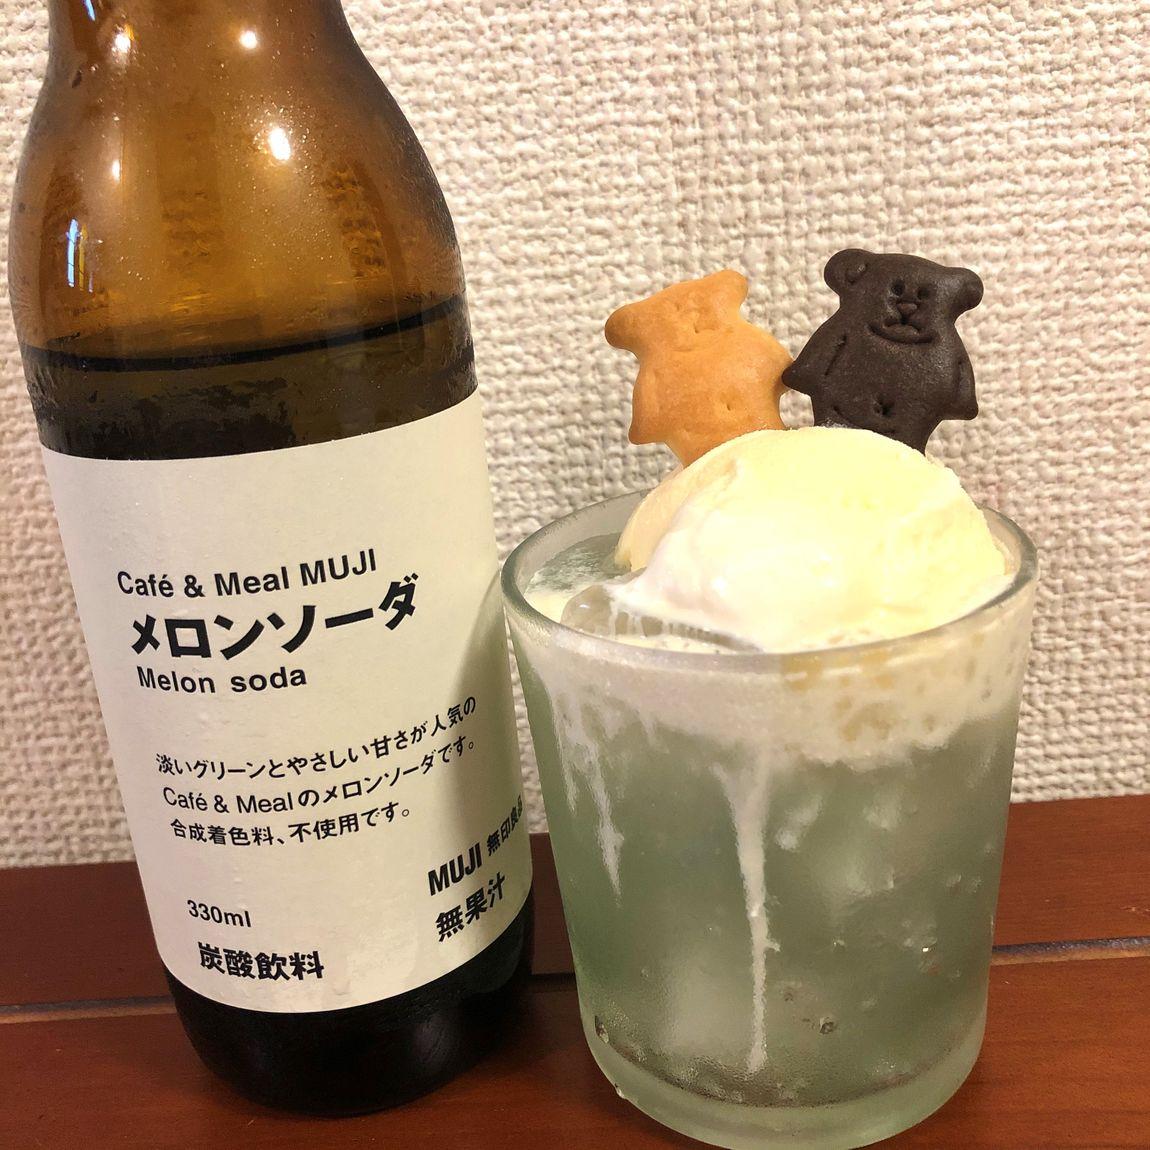 【サントムーン柿田川】夏の喉を潤すメロンソーダ この夏の、くらしのコツ